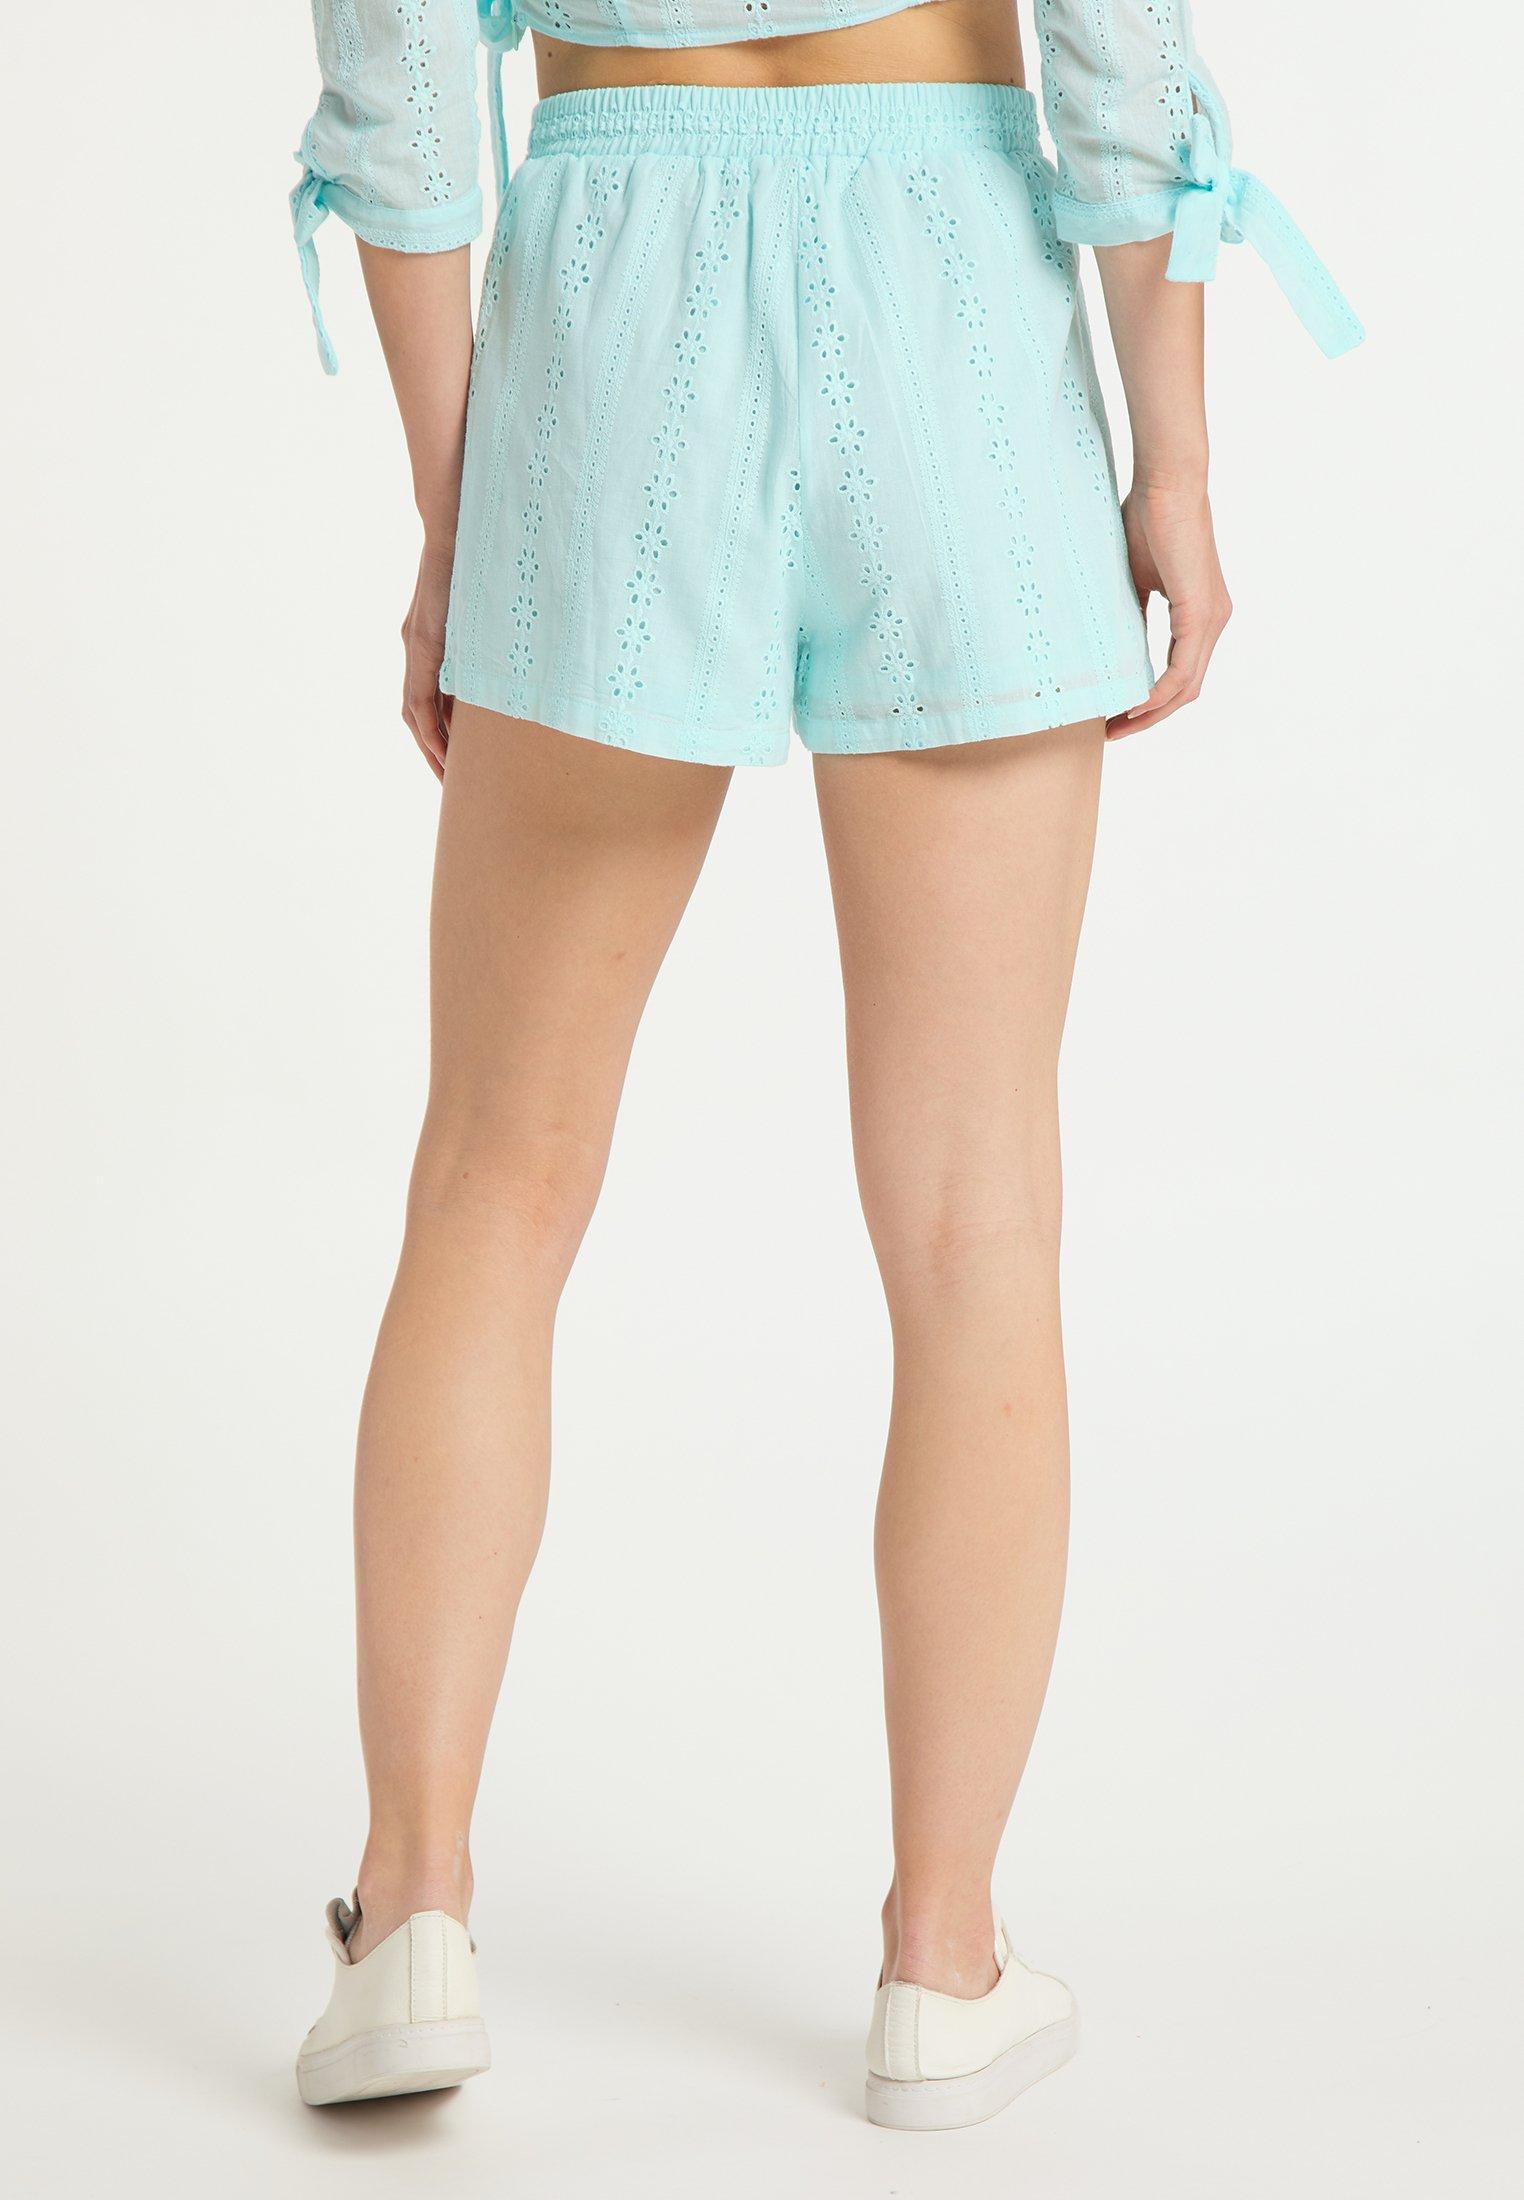 Wholesale Quality Women's Clothing myMo Shorts hellblau PkR25wGNz